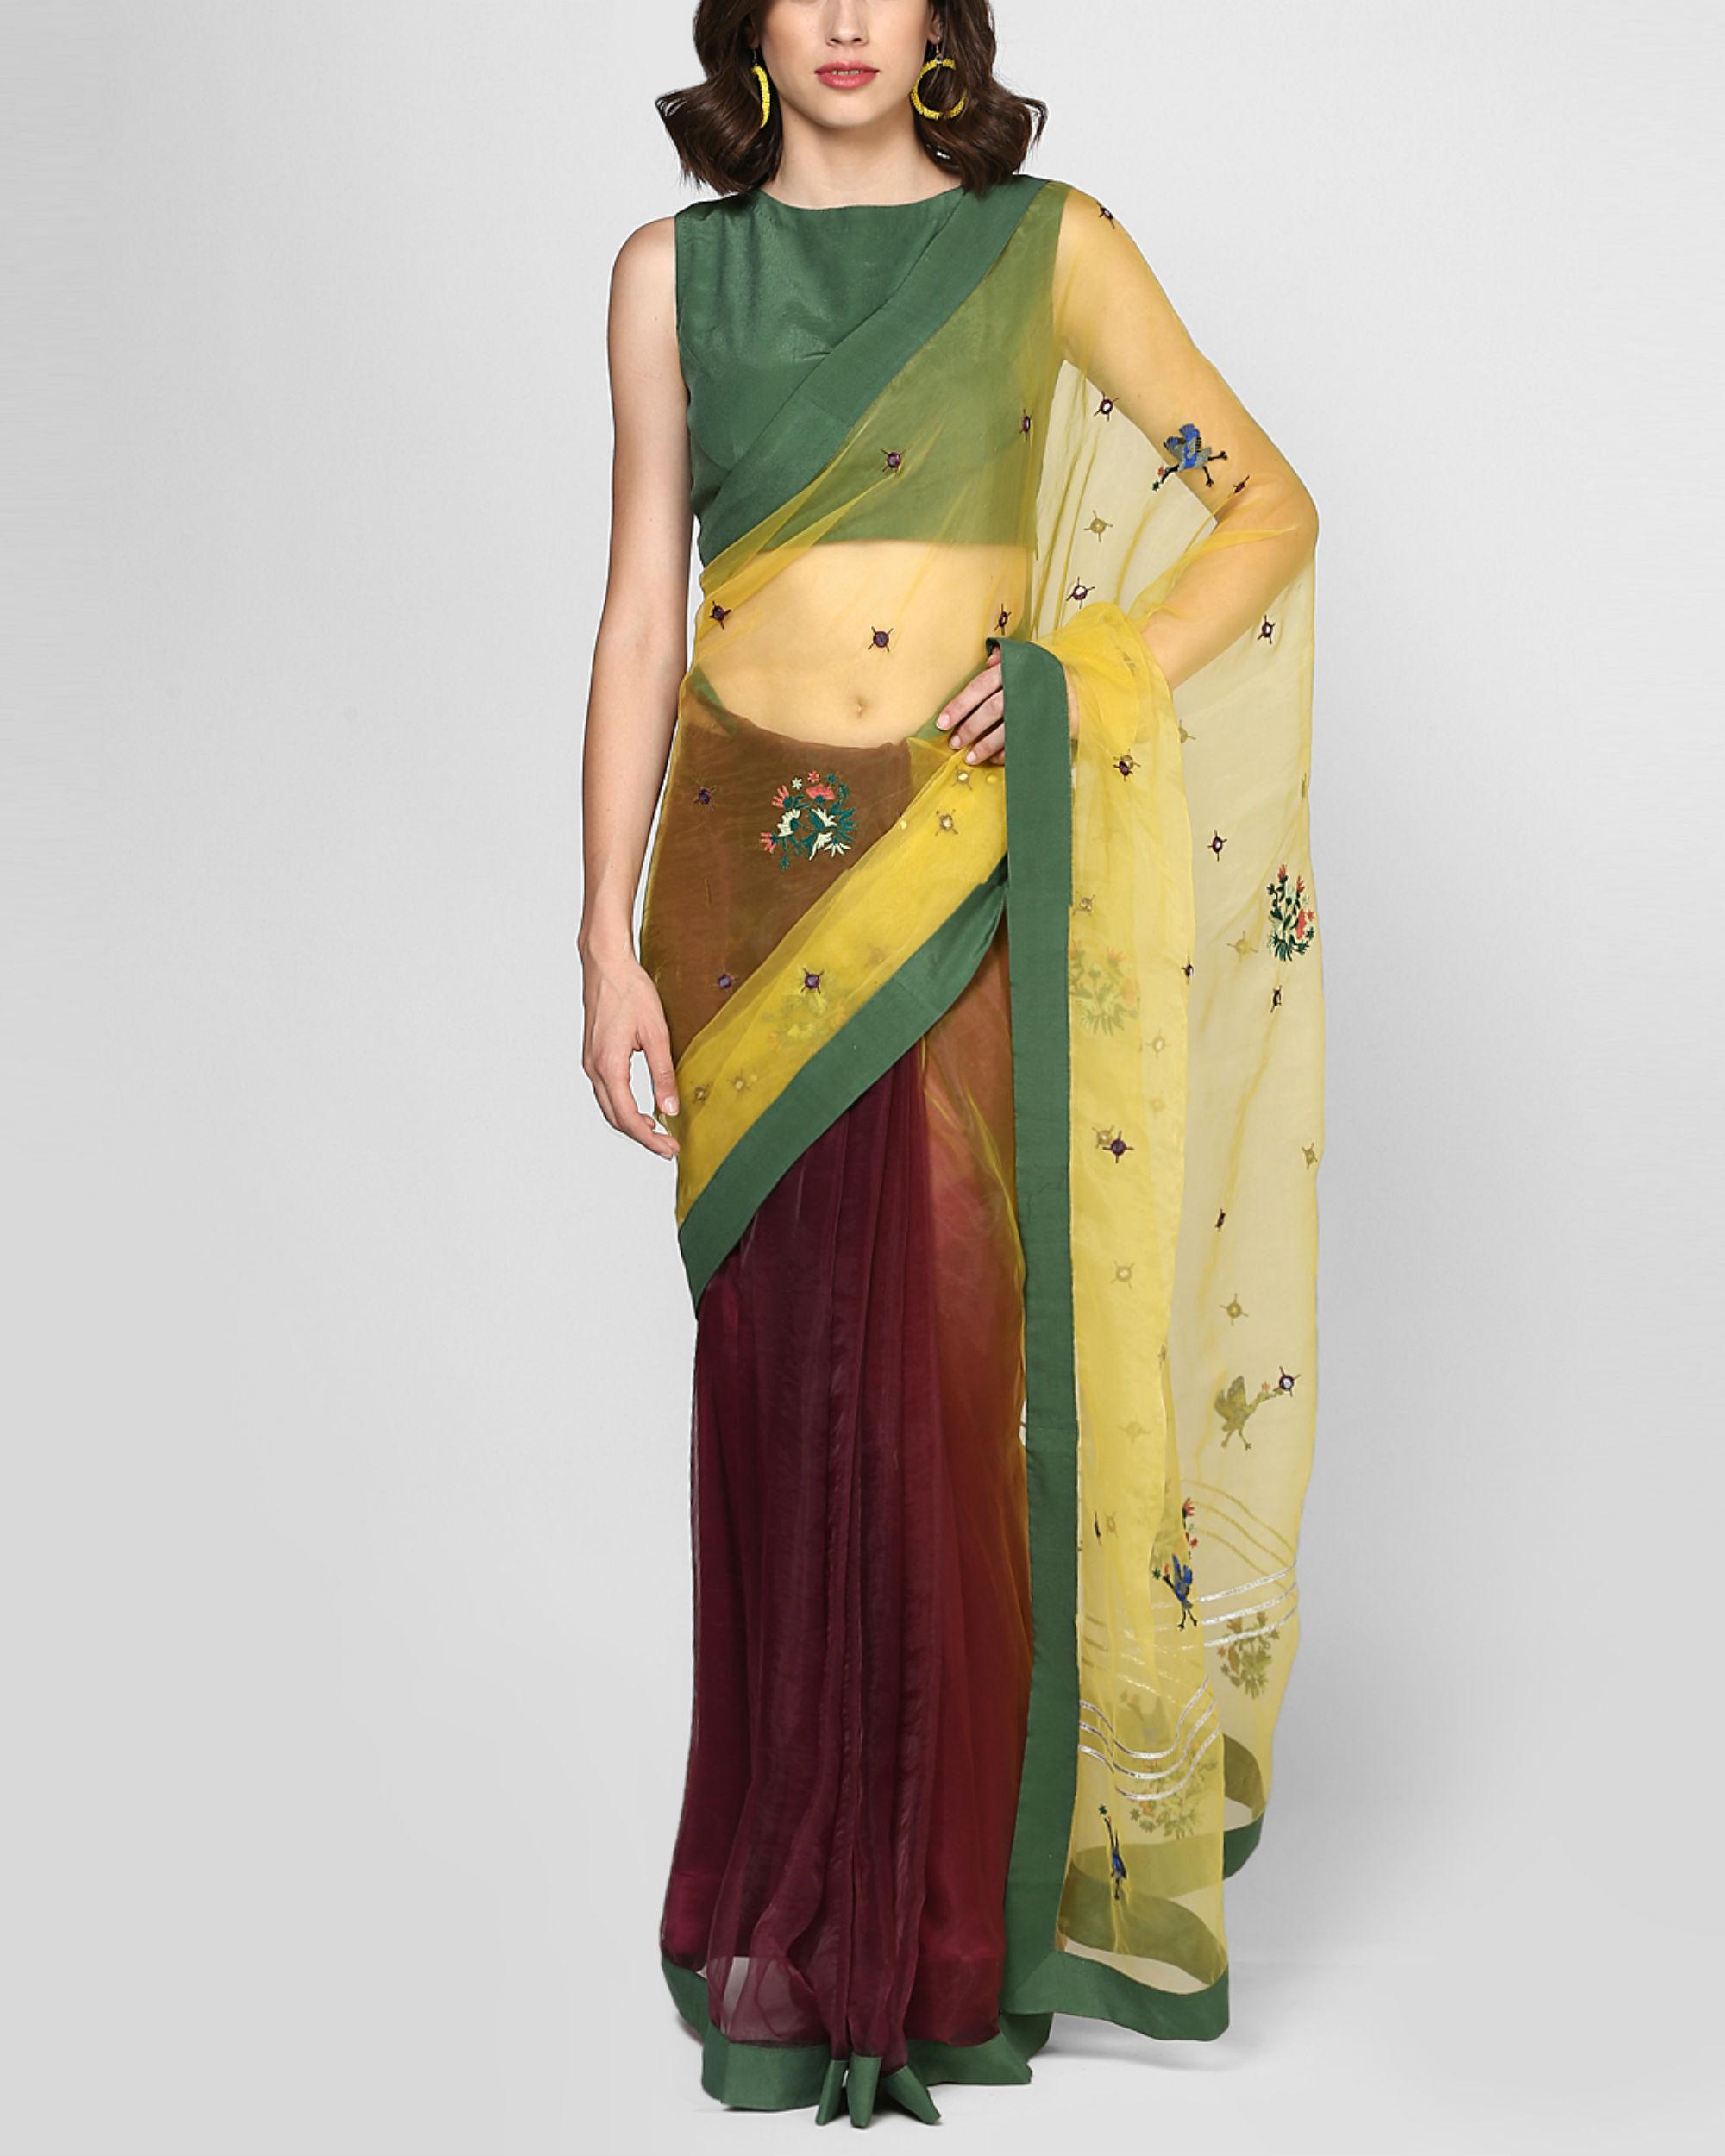 Marsala stitched sari